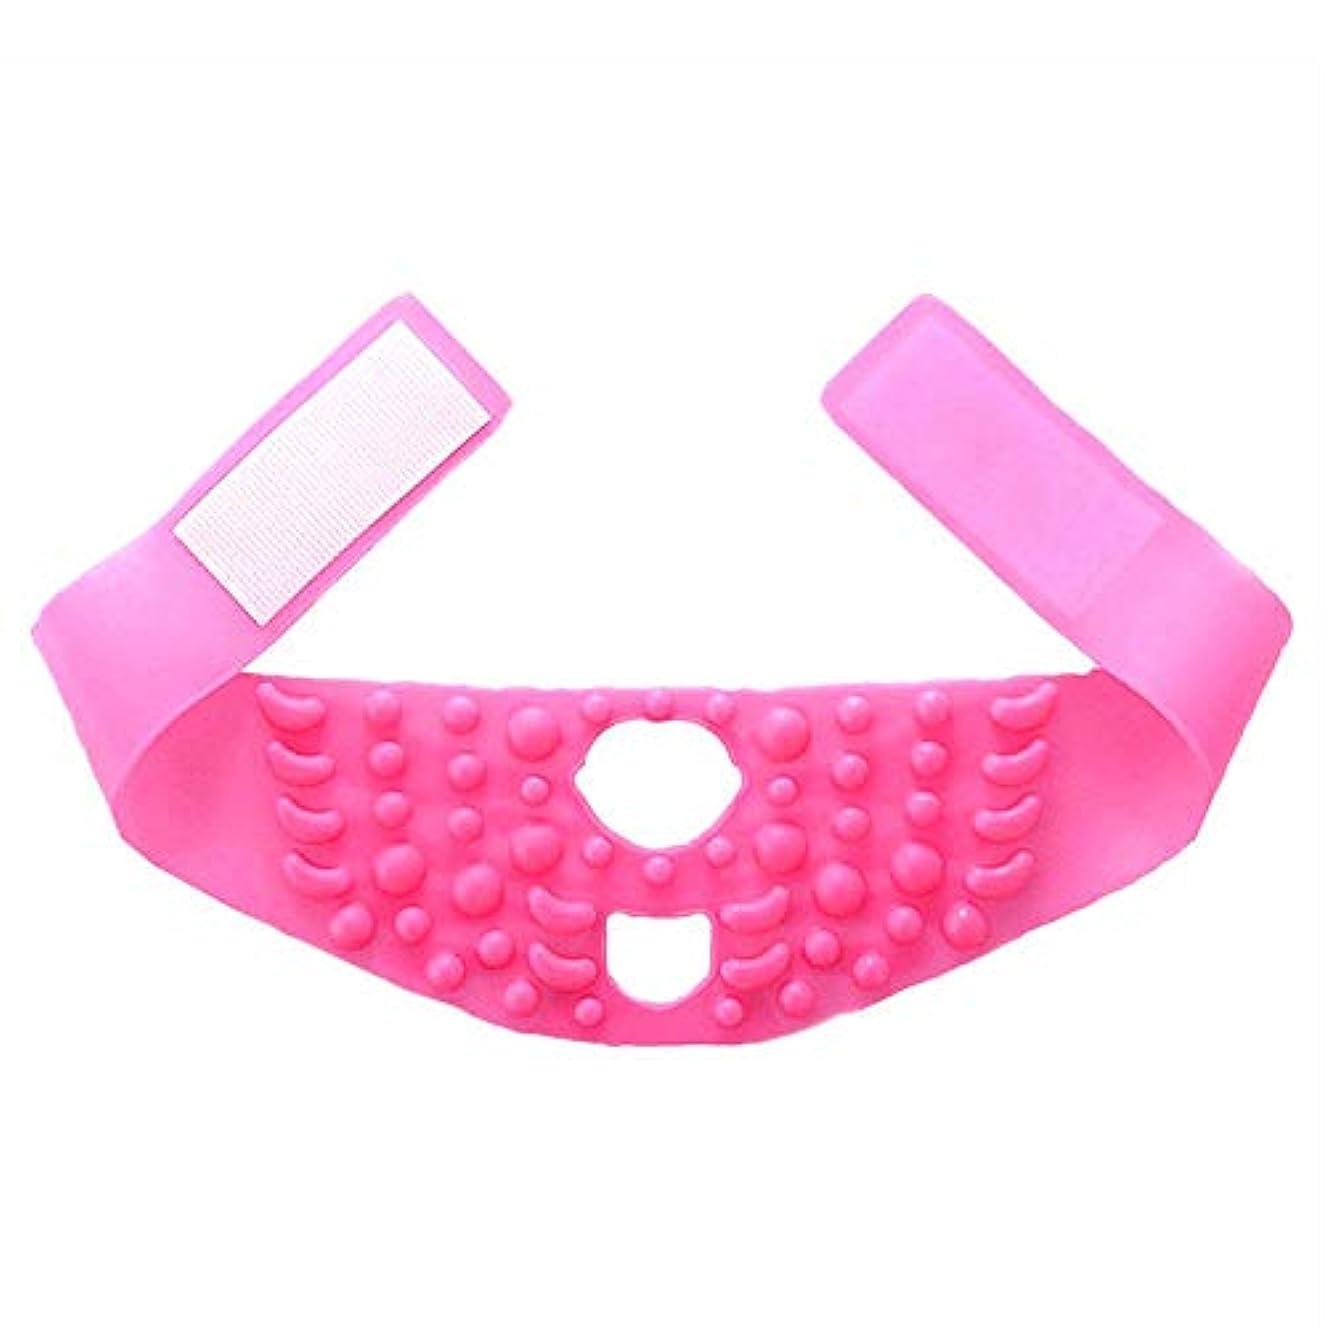 フラスコ生き返らせる情熱GYZ シンフェイスマスクシリコーンマッサージ引き締まった形の小さなVフェイスリフティングに薄いフェイスアーティファクト包帯を飾る - ピンク Thin Face Belt